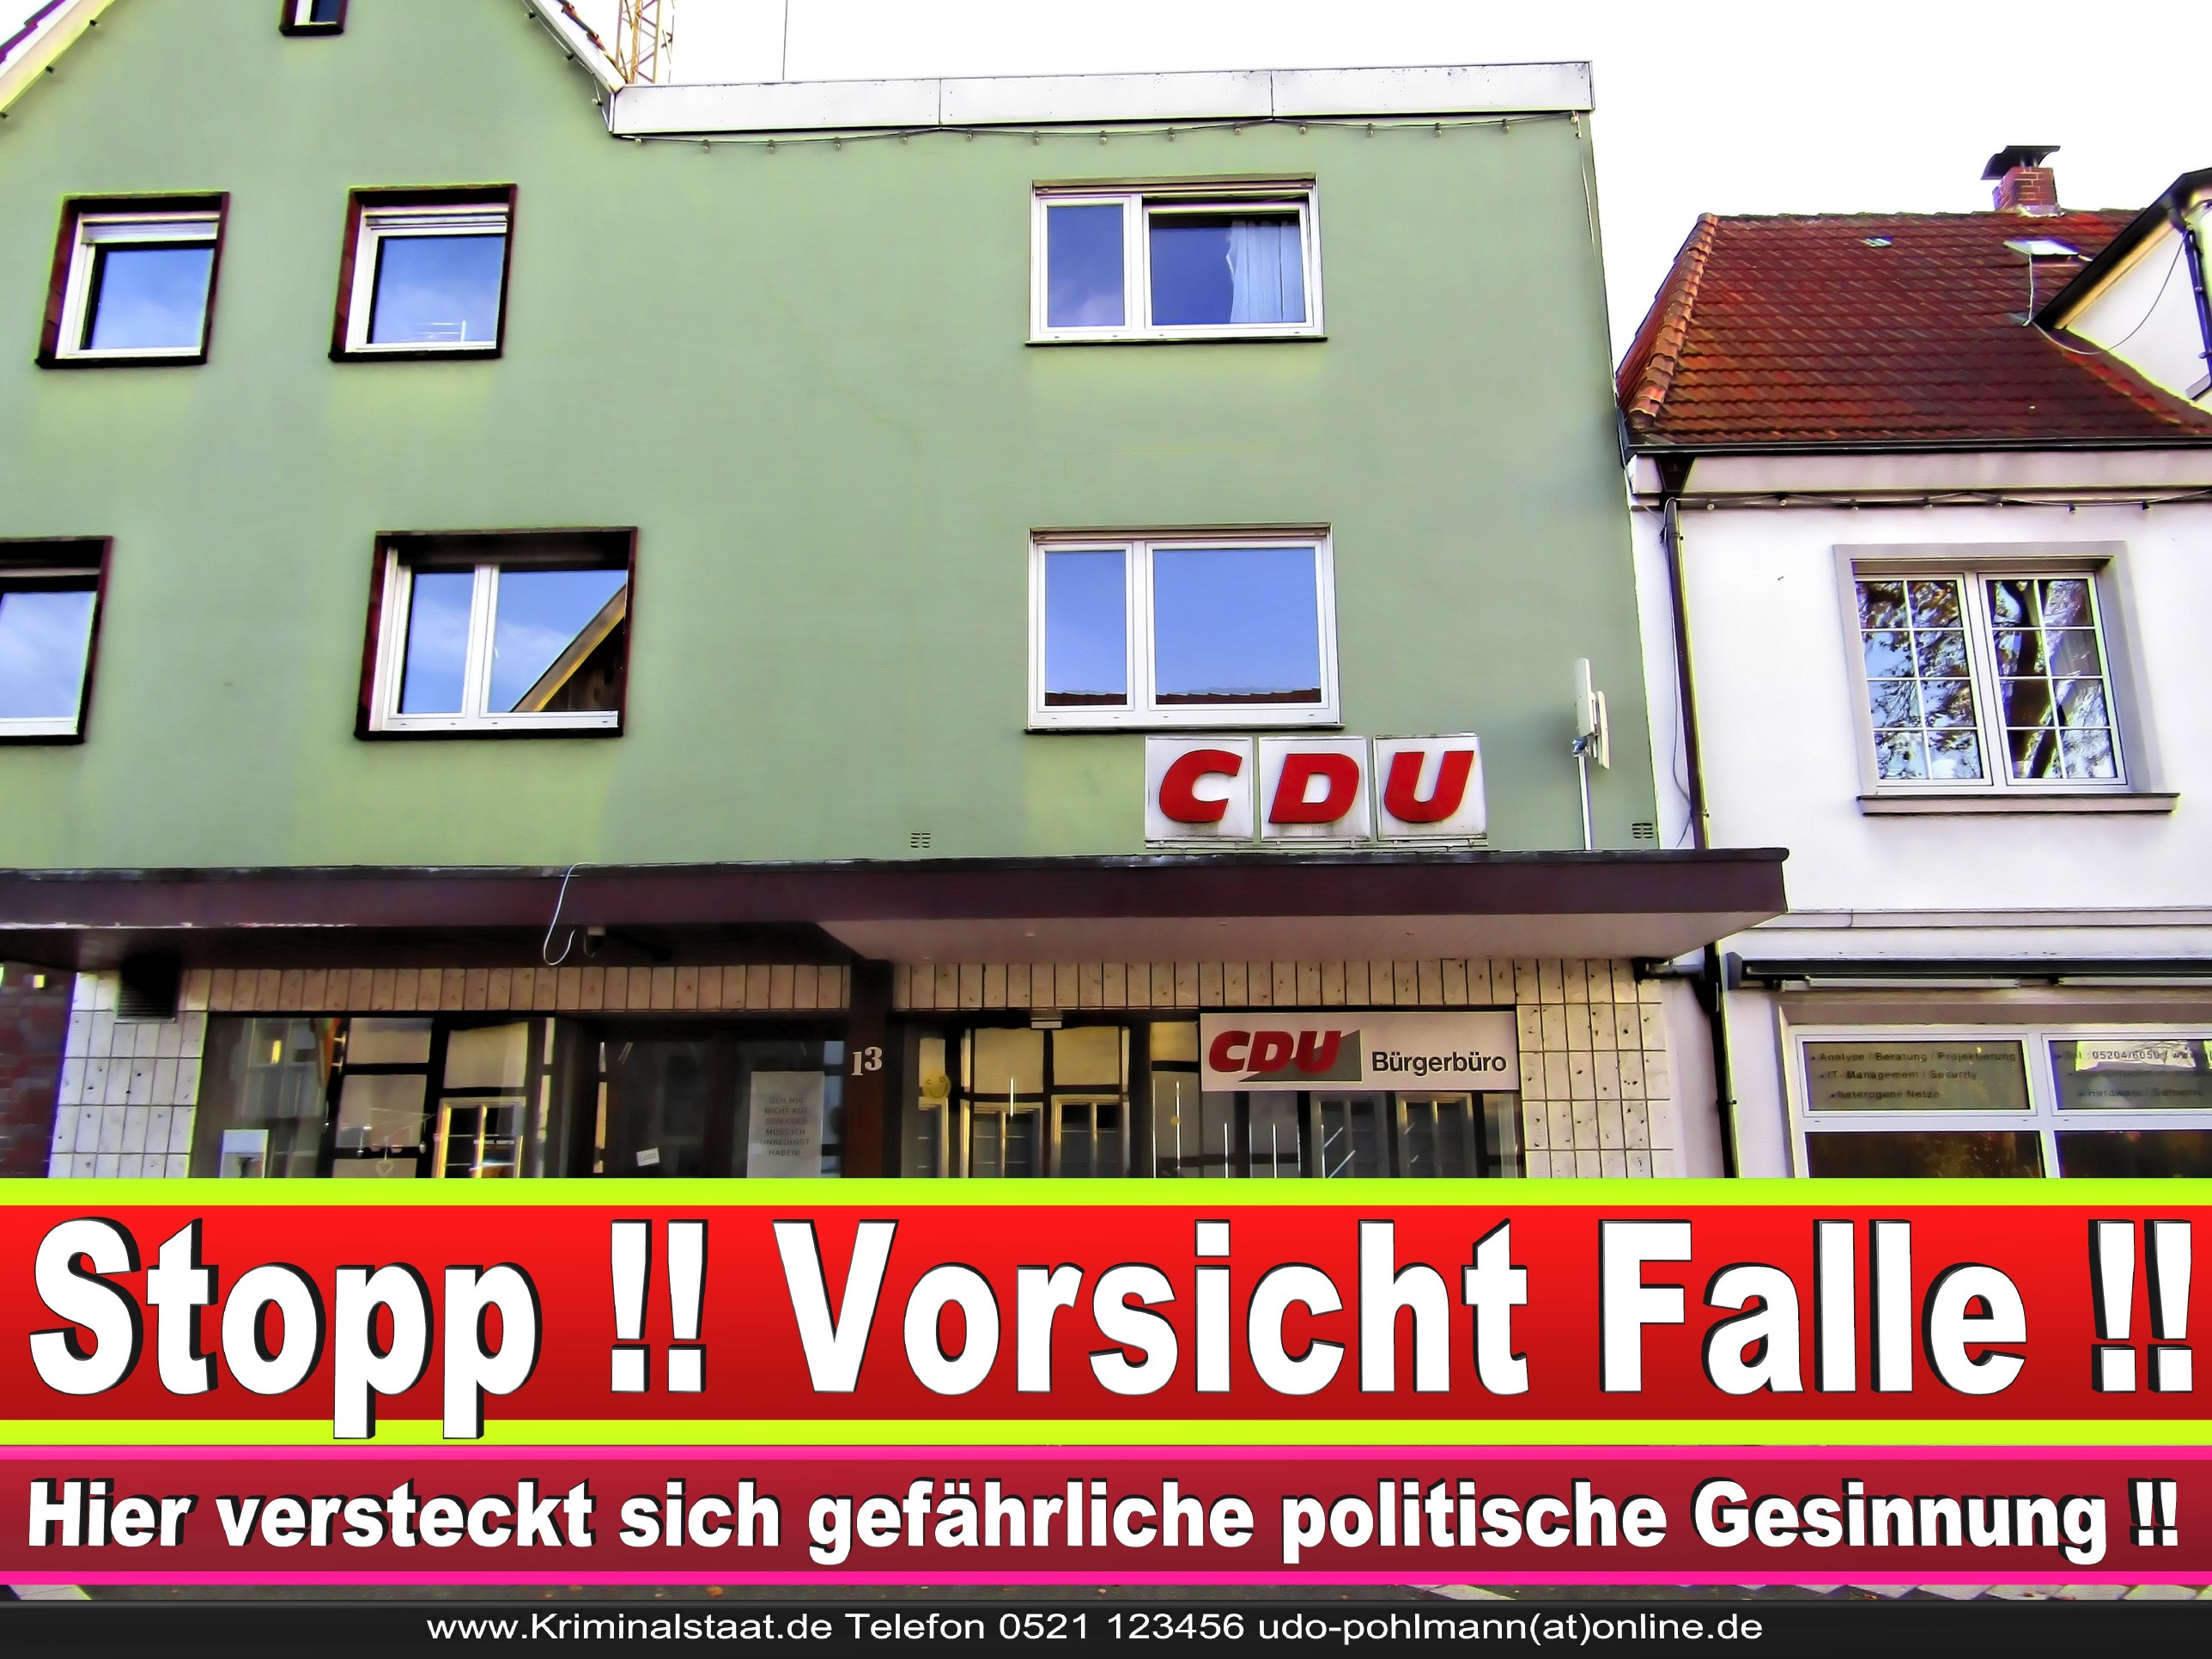 CDU Gemeindeverband Steinhagen Am Markt 13 33803 Steinhagen NRW Ortsverband CDU Steinhagen 1